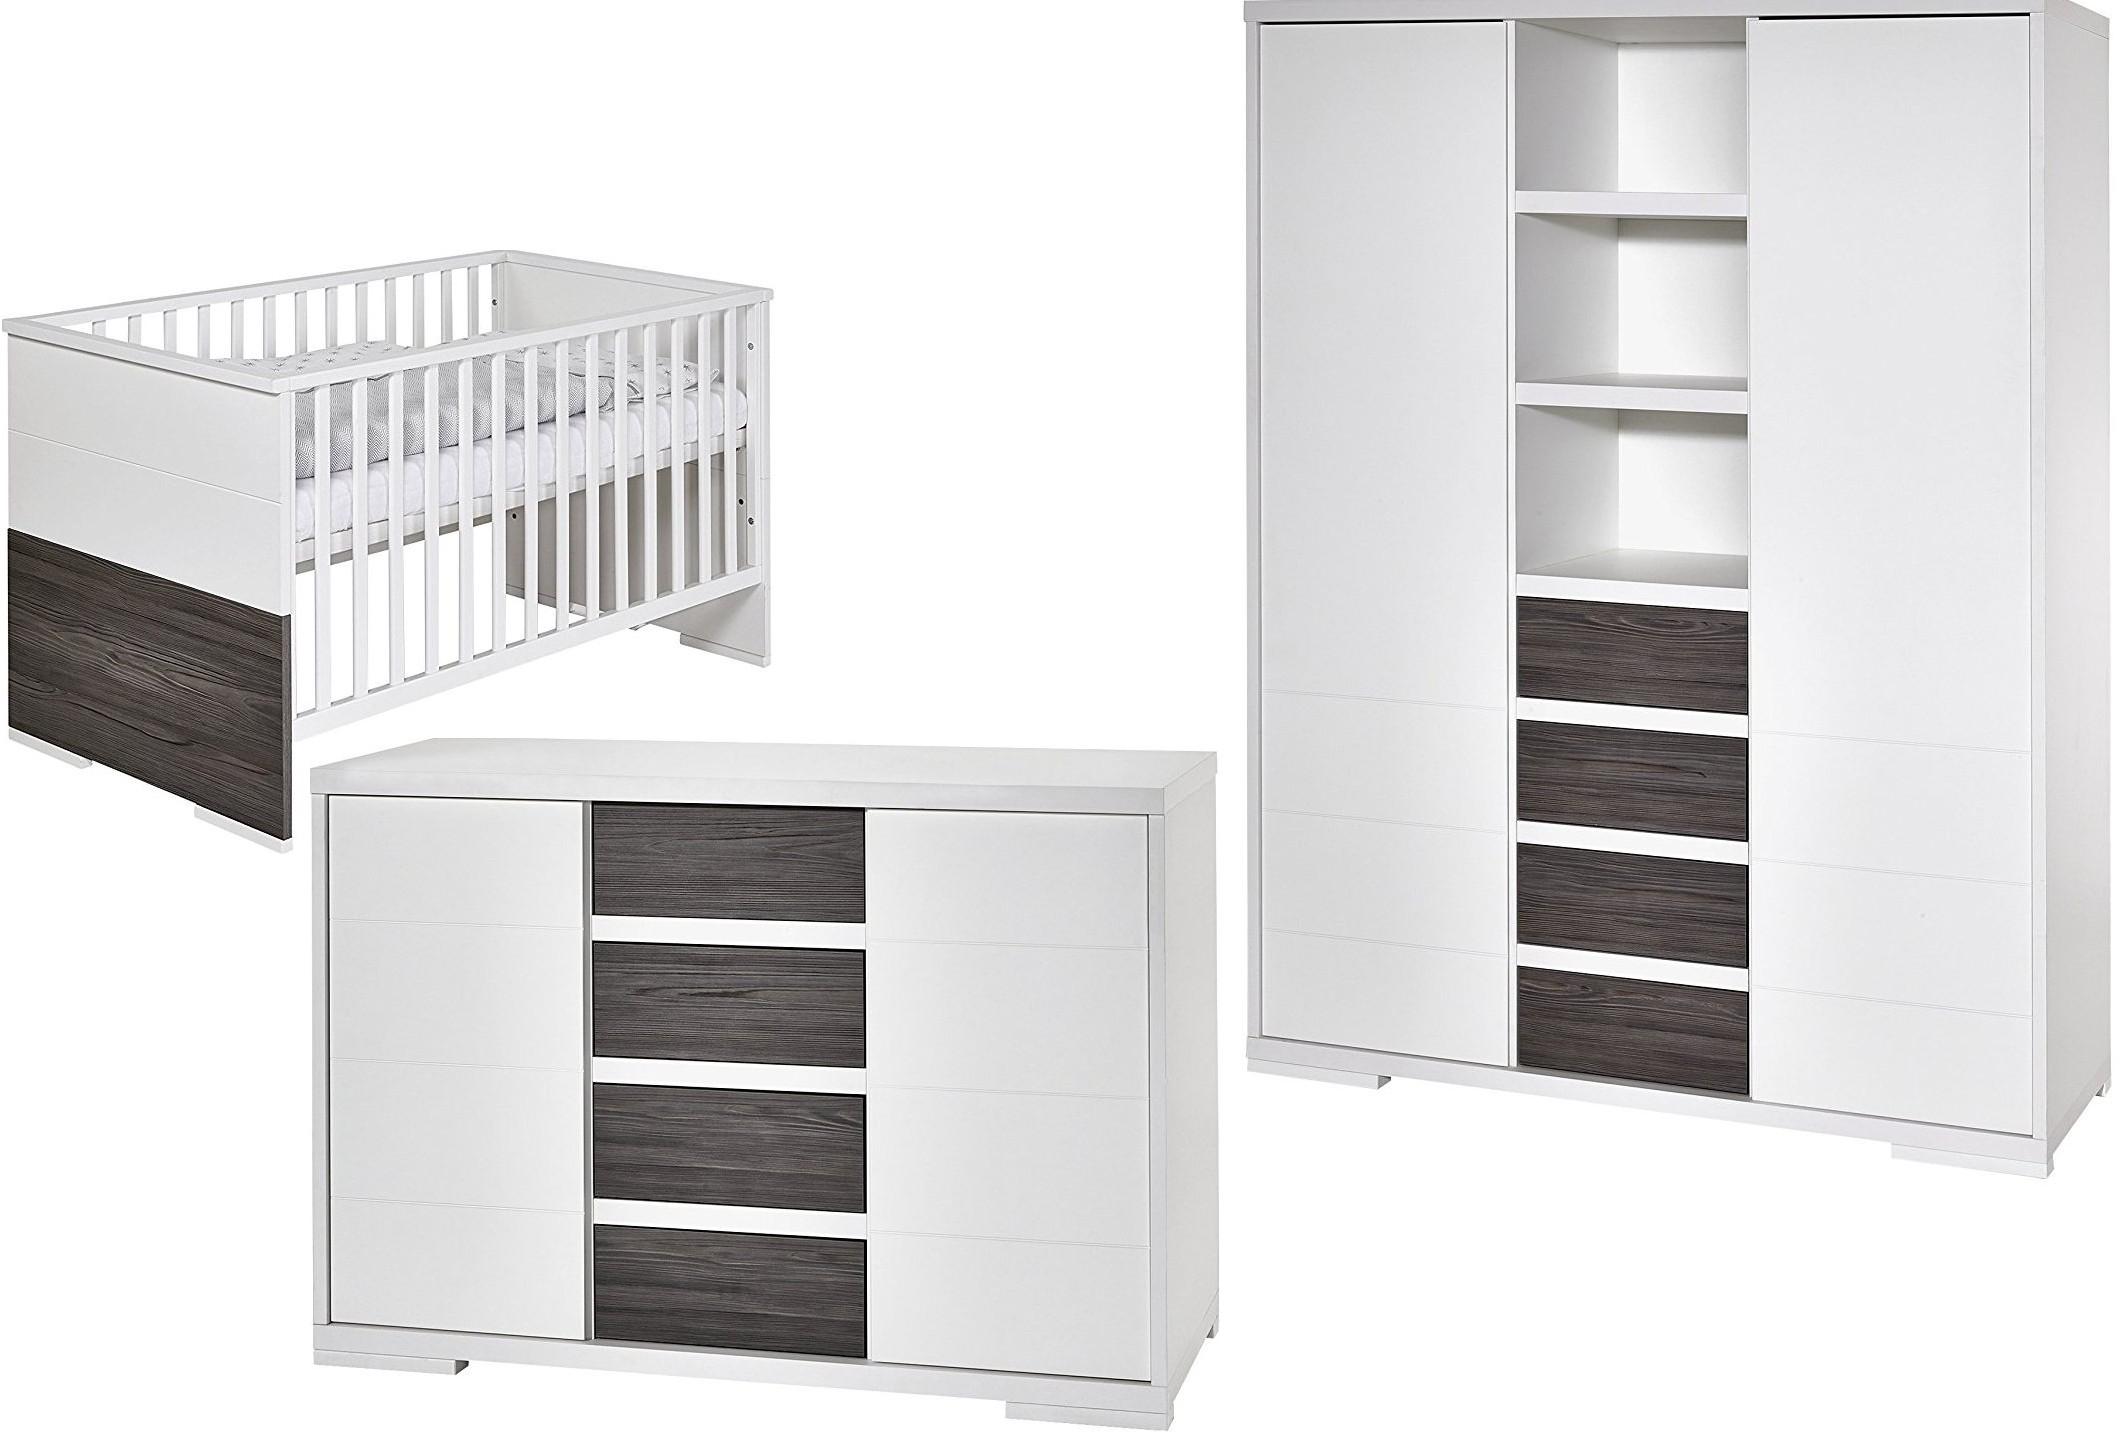 Chambre compl te bois frais gris et blanc maxx fleetwood - Chambre gris et blanc ...